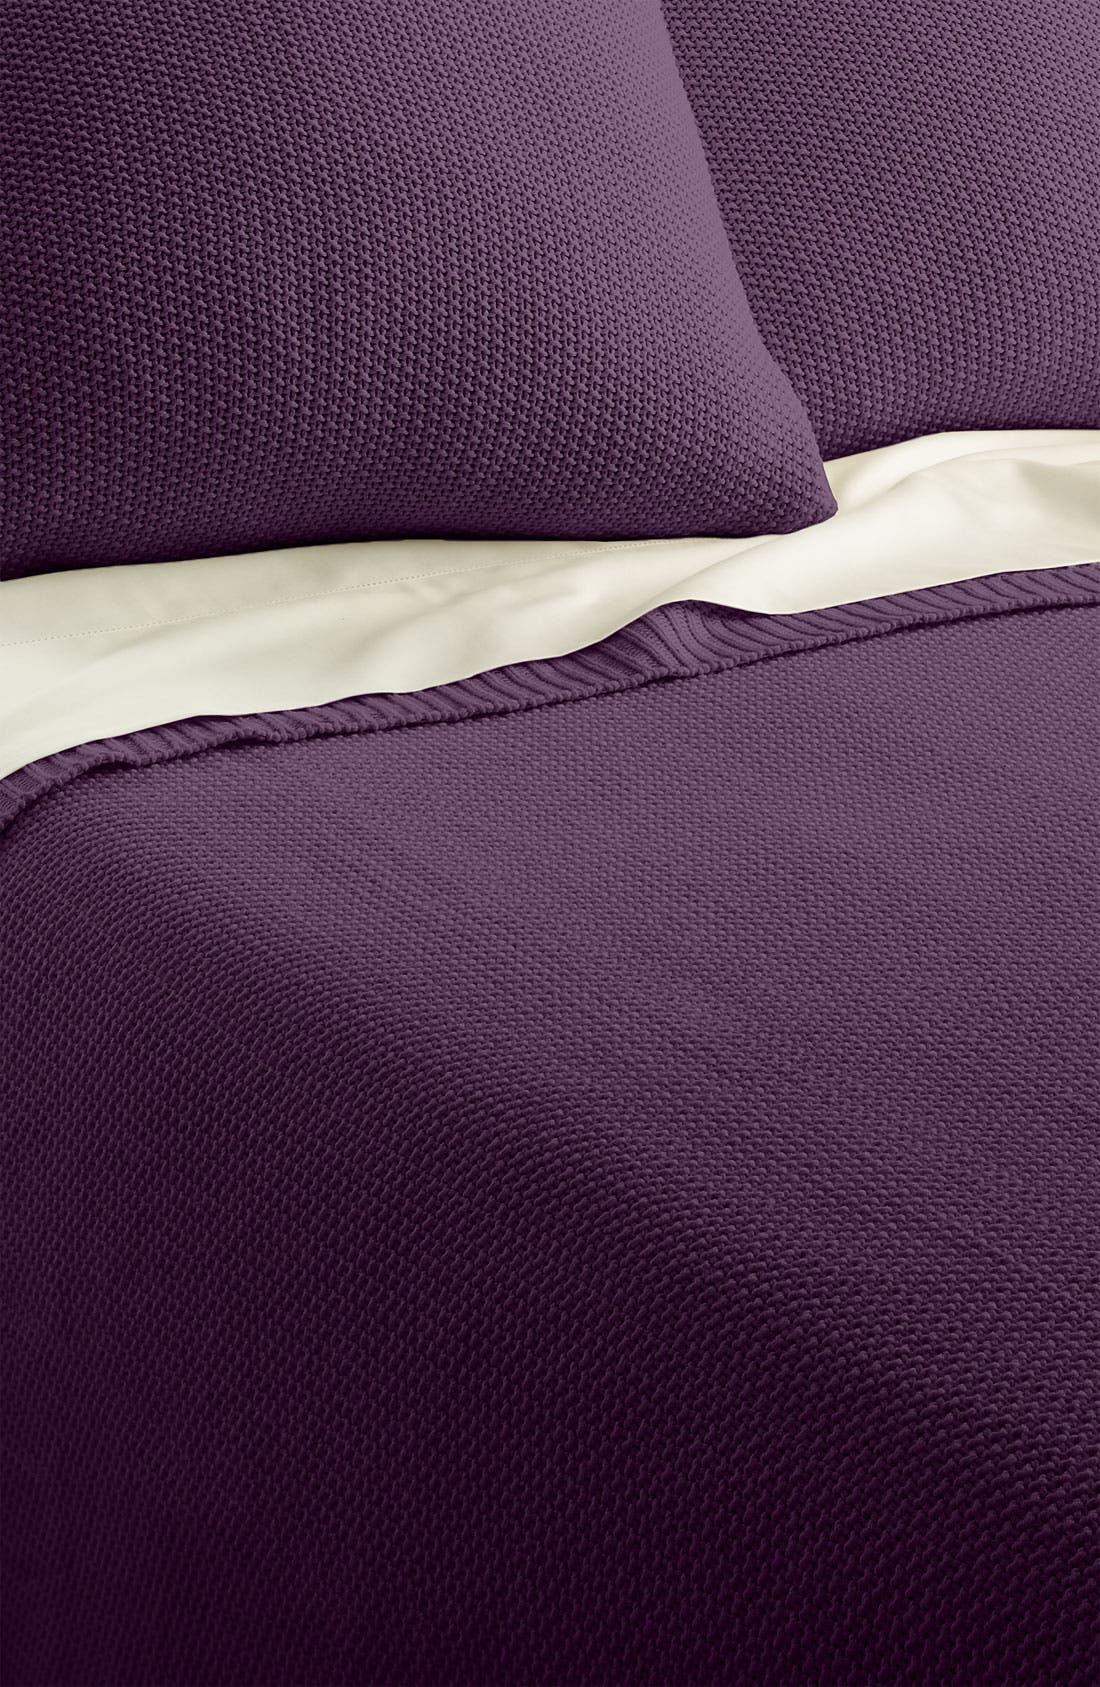 Main Image - Diane von Furstenberg 'Nirvana' Knit Blanket